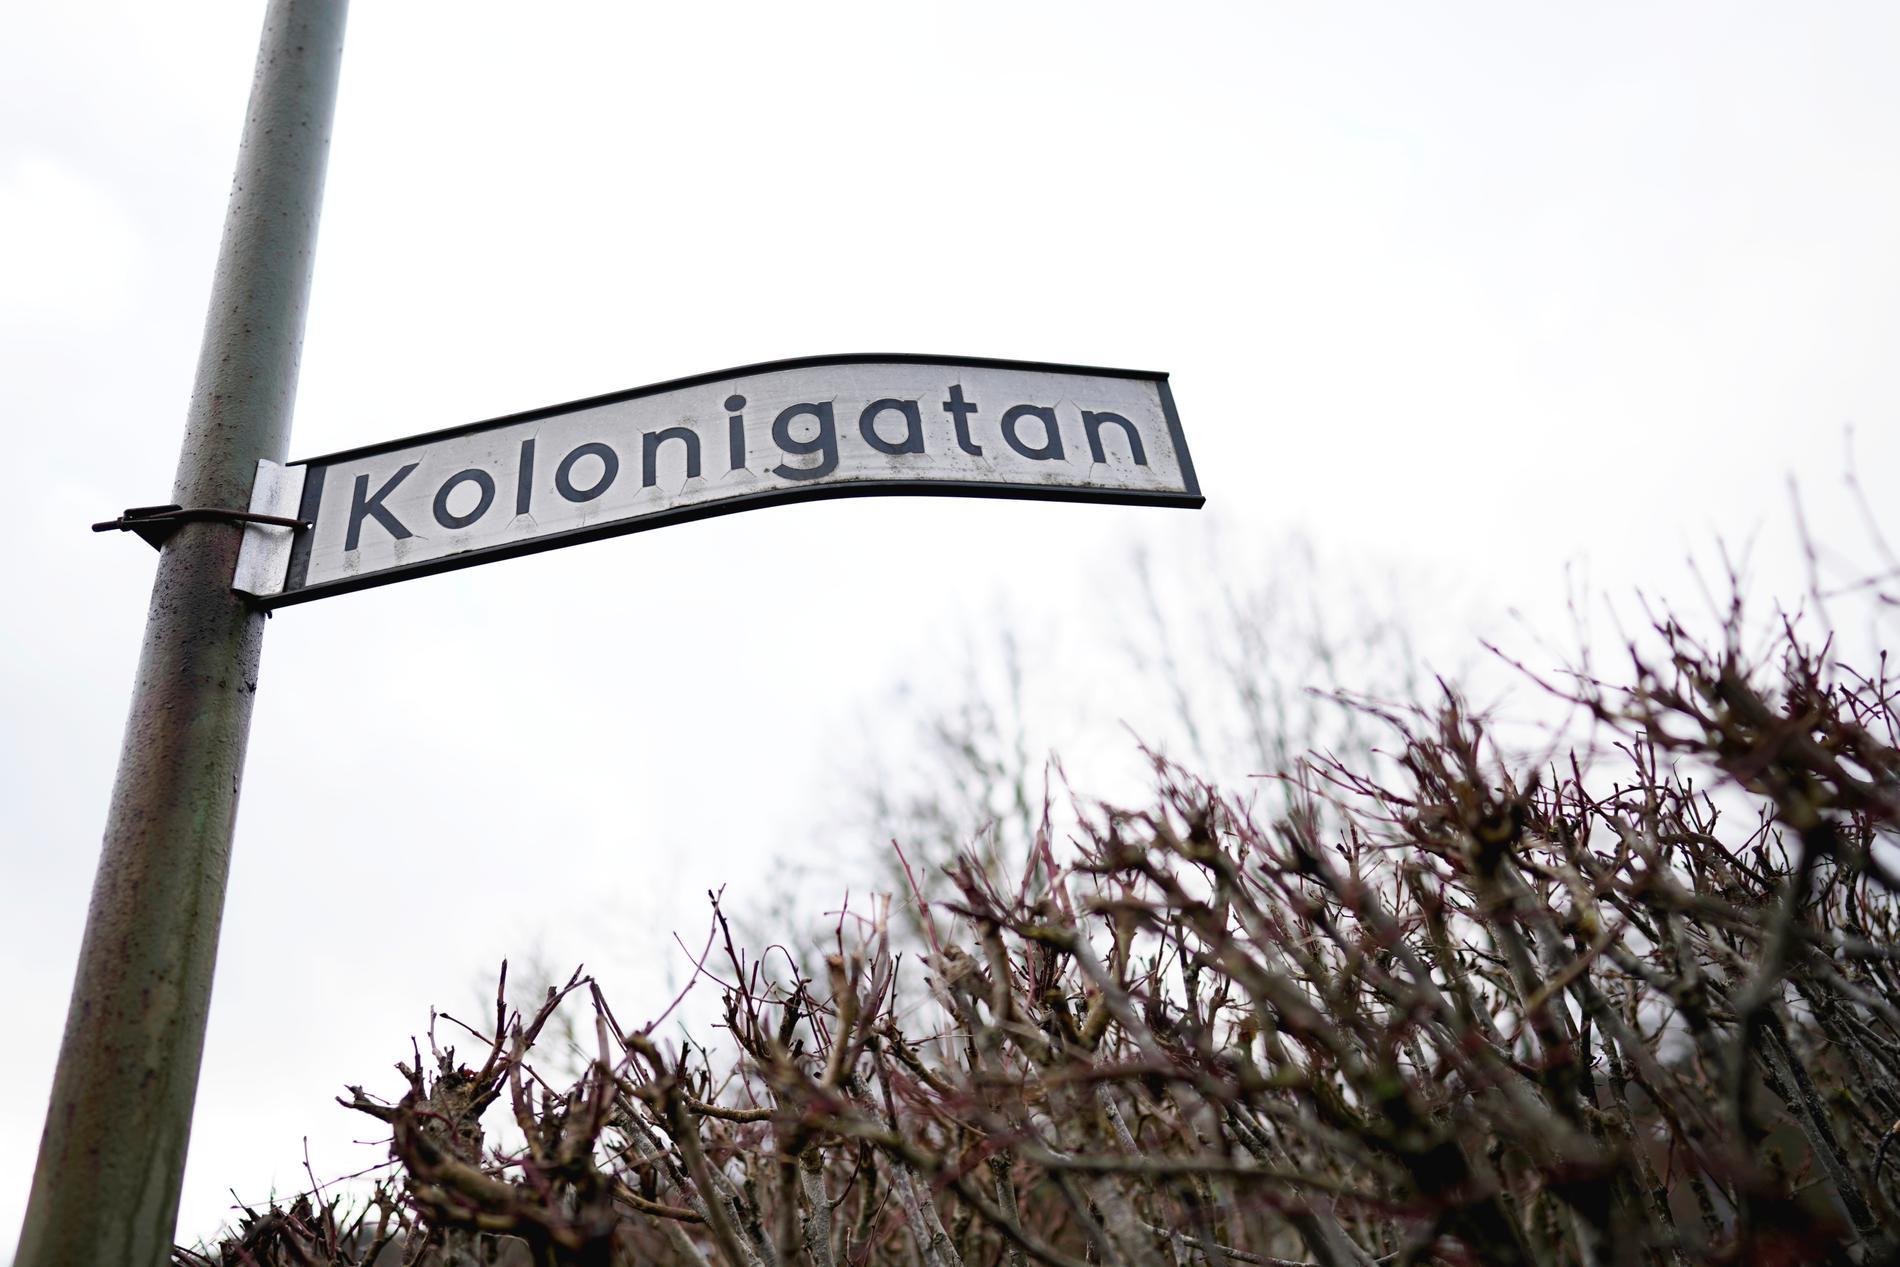 En man i 70-årsåldern blev knivdödad i Borås i vintras. Nu döms en ung man till rättspsykiatrisk vård för mordet. Arkivbild.